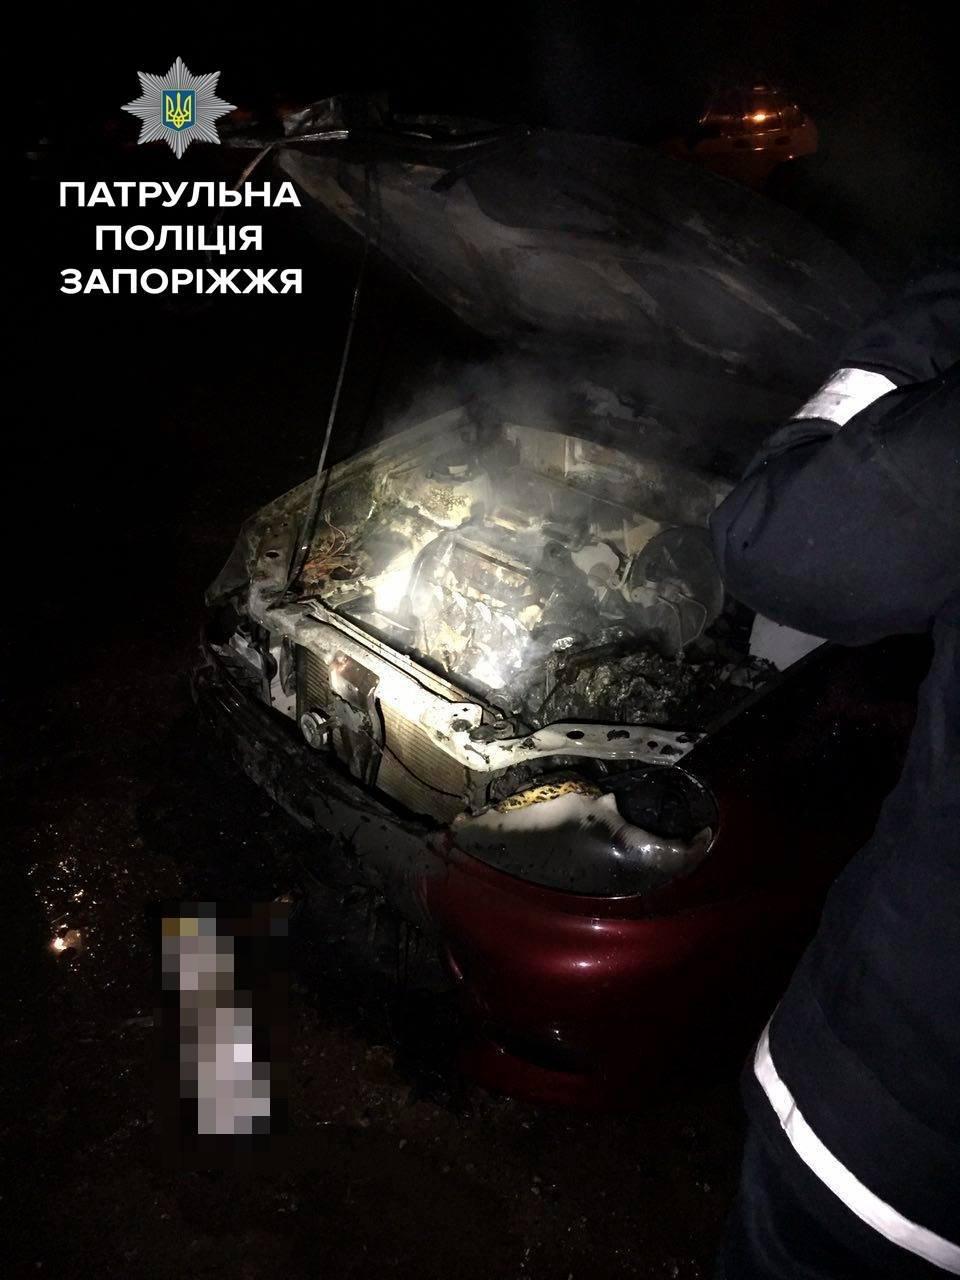 Минувшей ночью в Запорожье сгорел еще один автомобиль, - ФОТО , фото-2